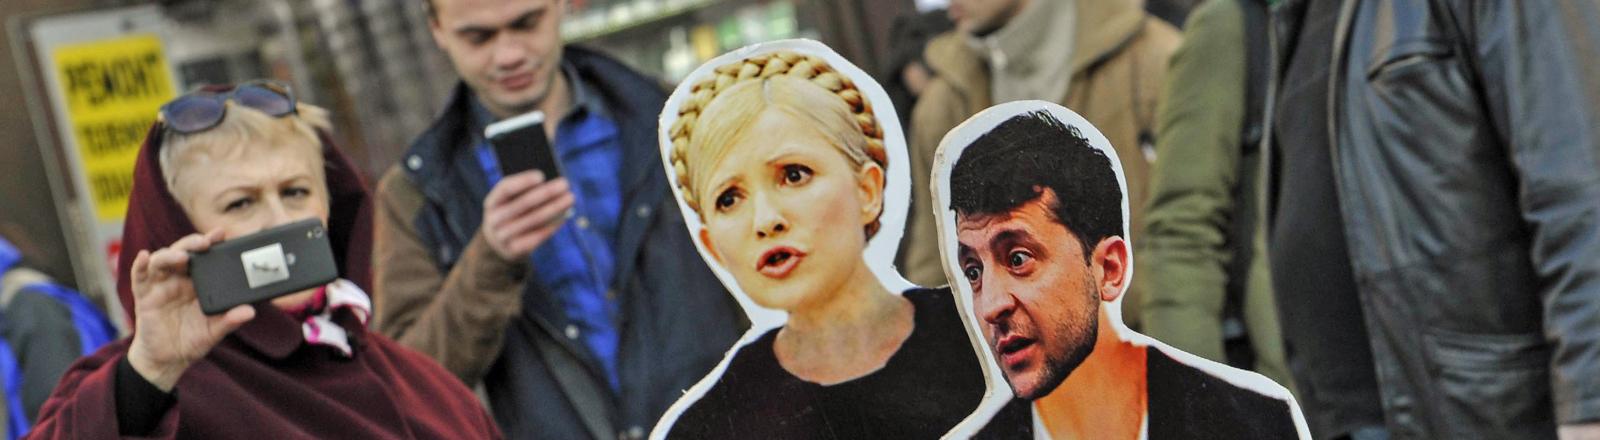 In Kiews stehen Pappaufsteller der Kandidaten für die Präsidentenwahl.